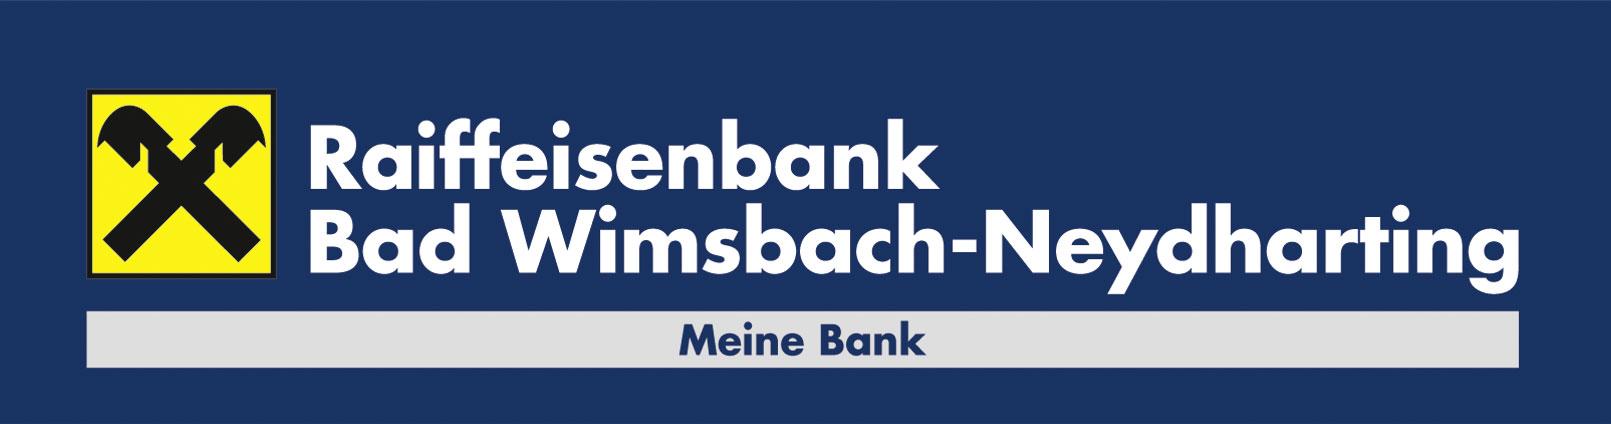 Raiffeisenbank Bad Wimsbach-Neydharting reg. Gen. m. b. H.